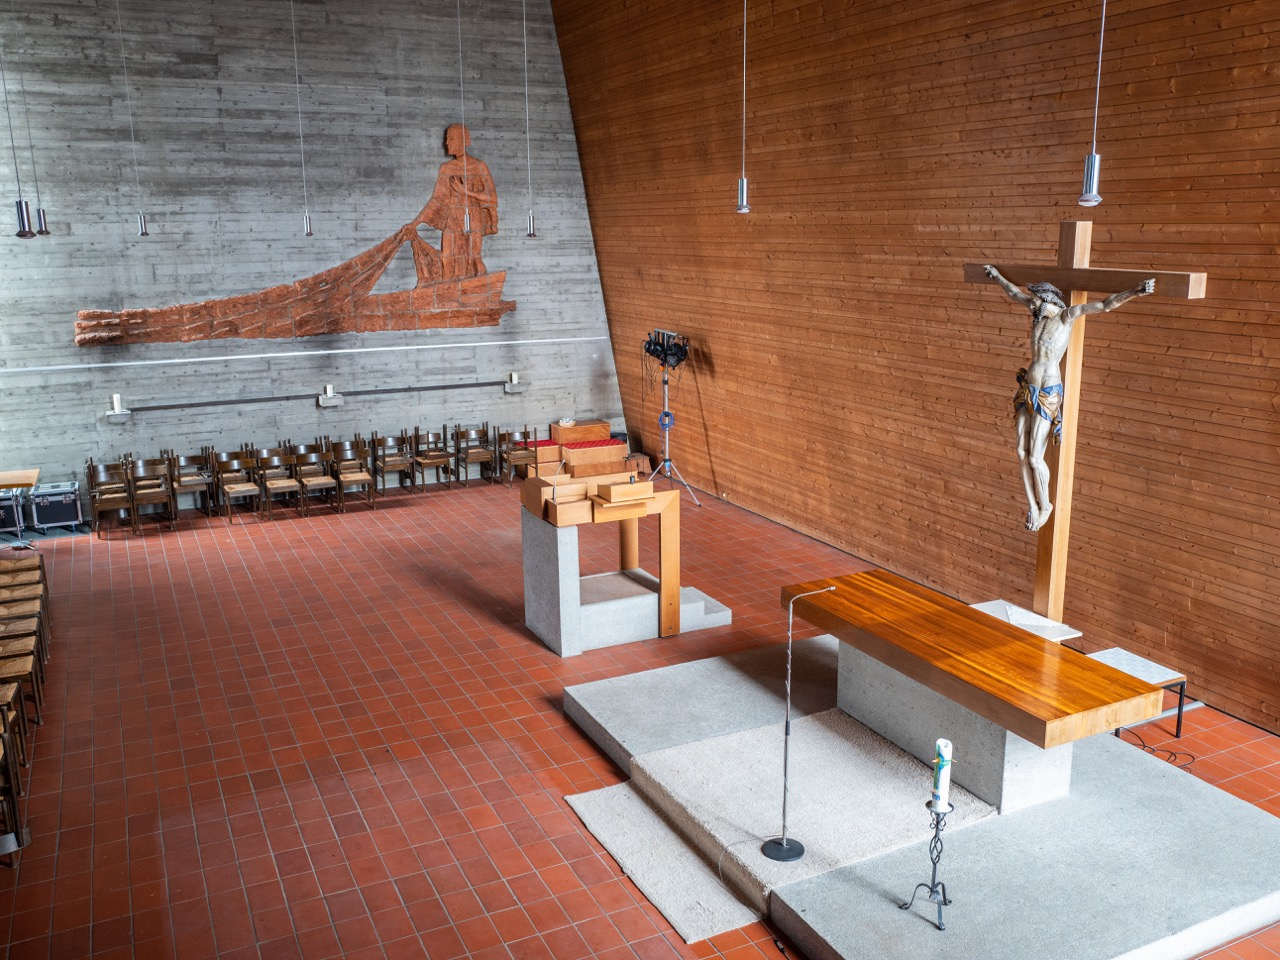 Altarraum von der Orgelempore aus